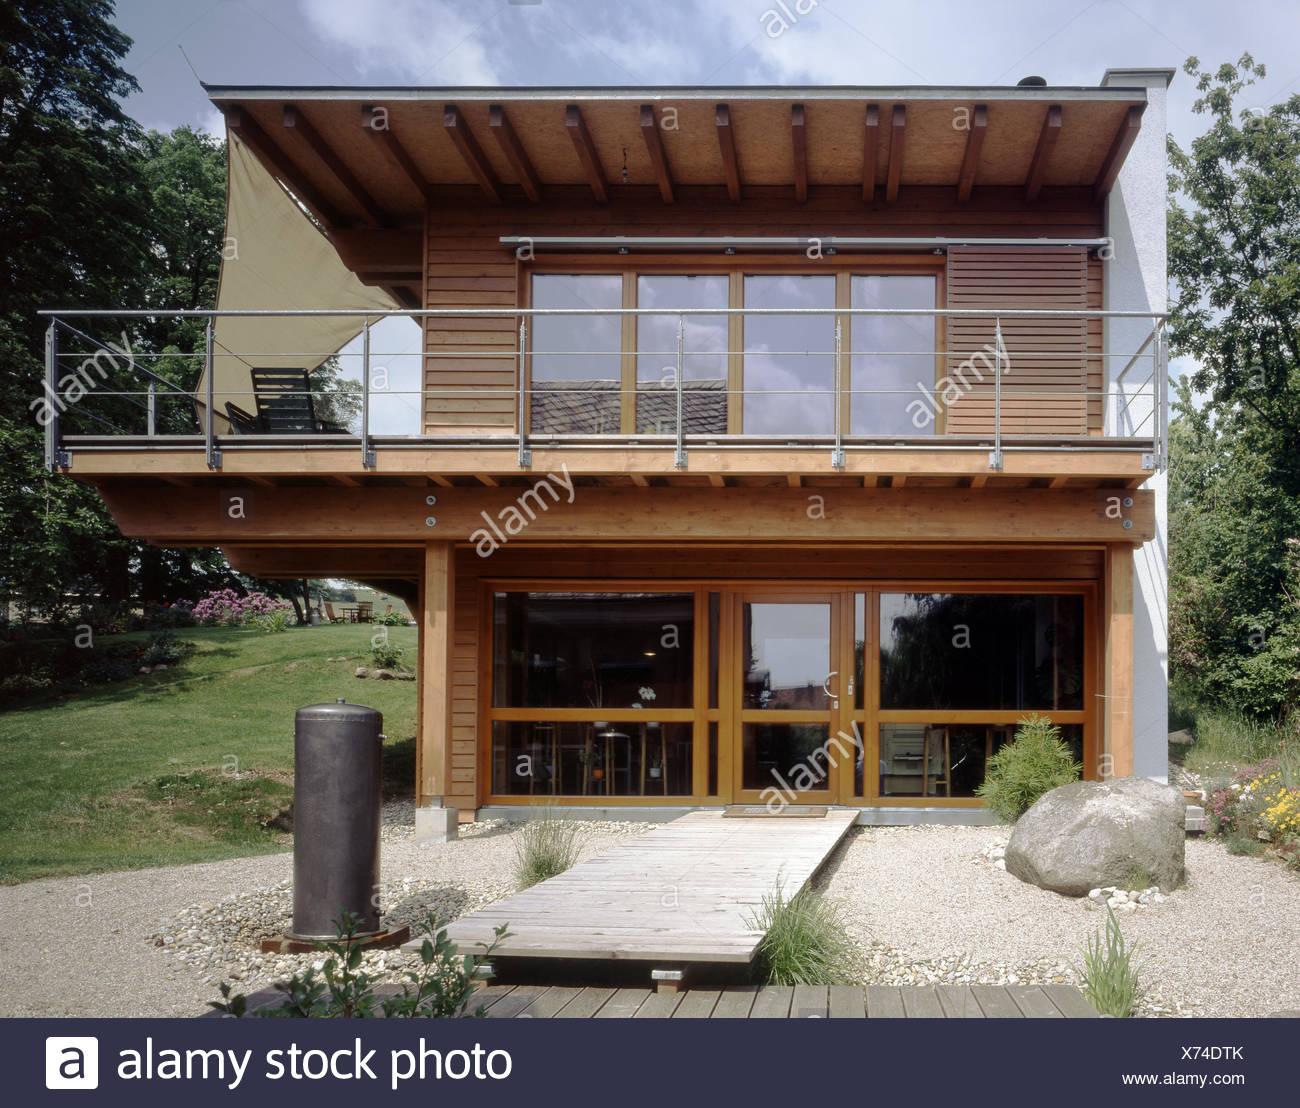 Balcone Lungo E Stretto casa residenziale, esterno, tetto piatto, balcone, giardino